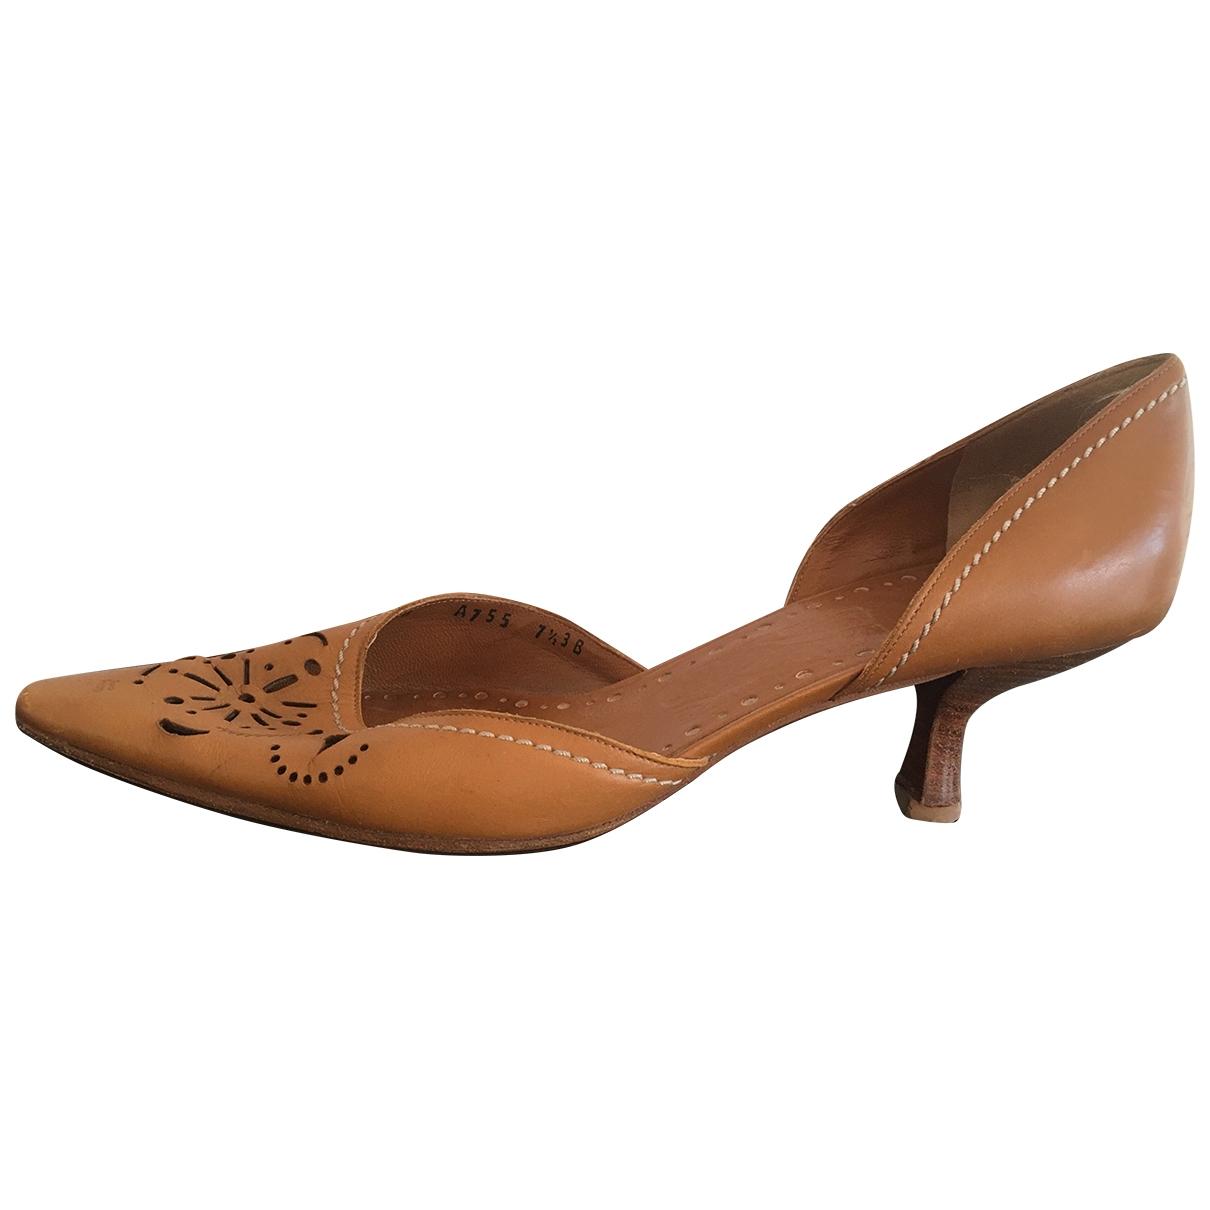 Salvatore Ferragamo \N Brown Leather Heels for Women 7.5 US